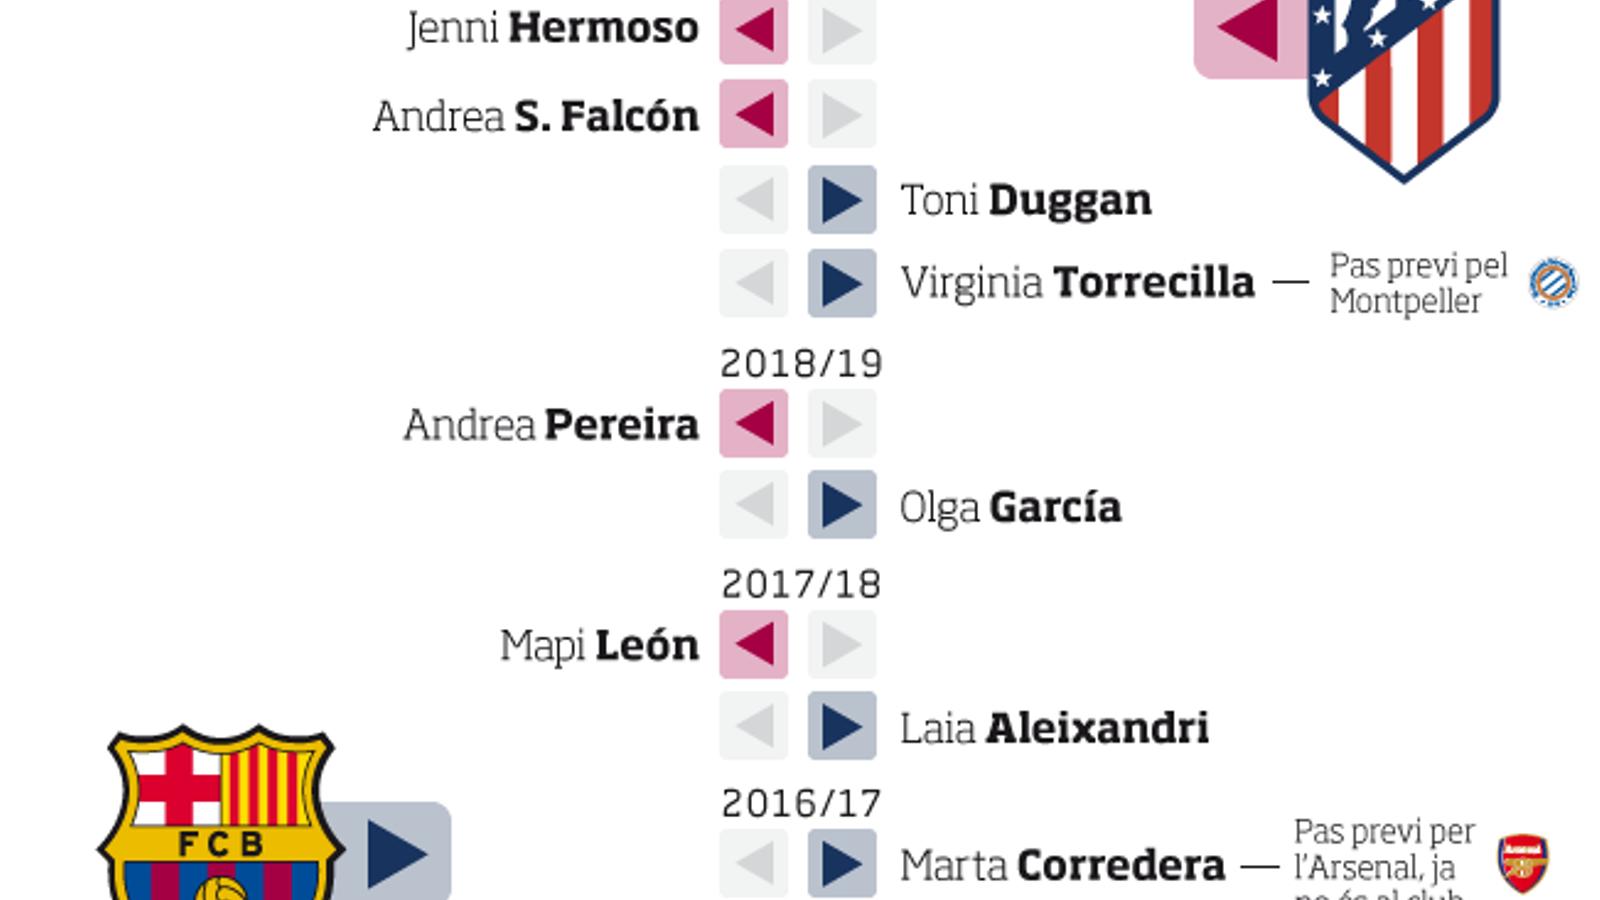 Els moviments de jugadores entre Barça i Atlètic de Madrid